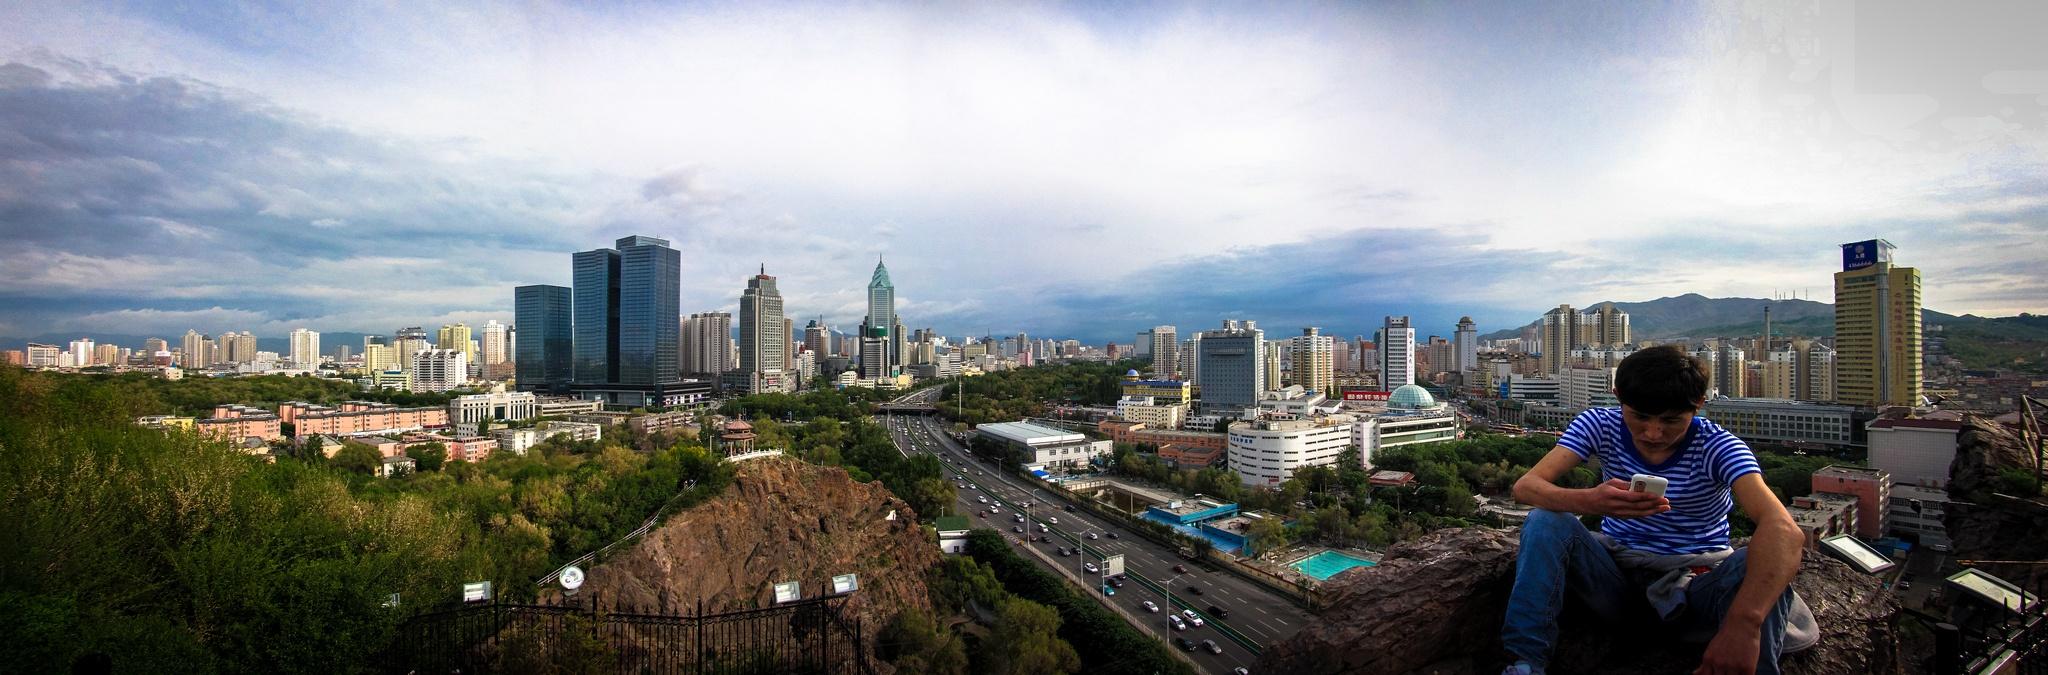 Die Skyline von Urumqi